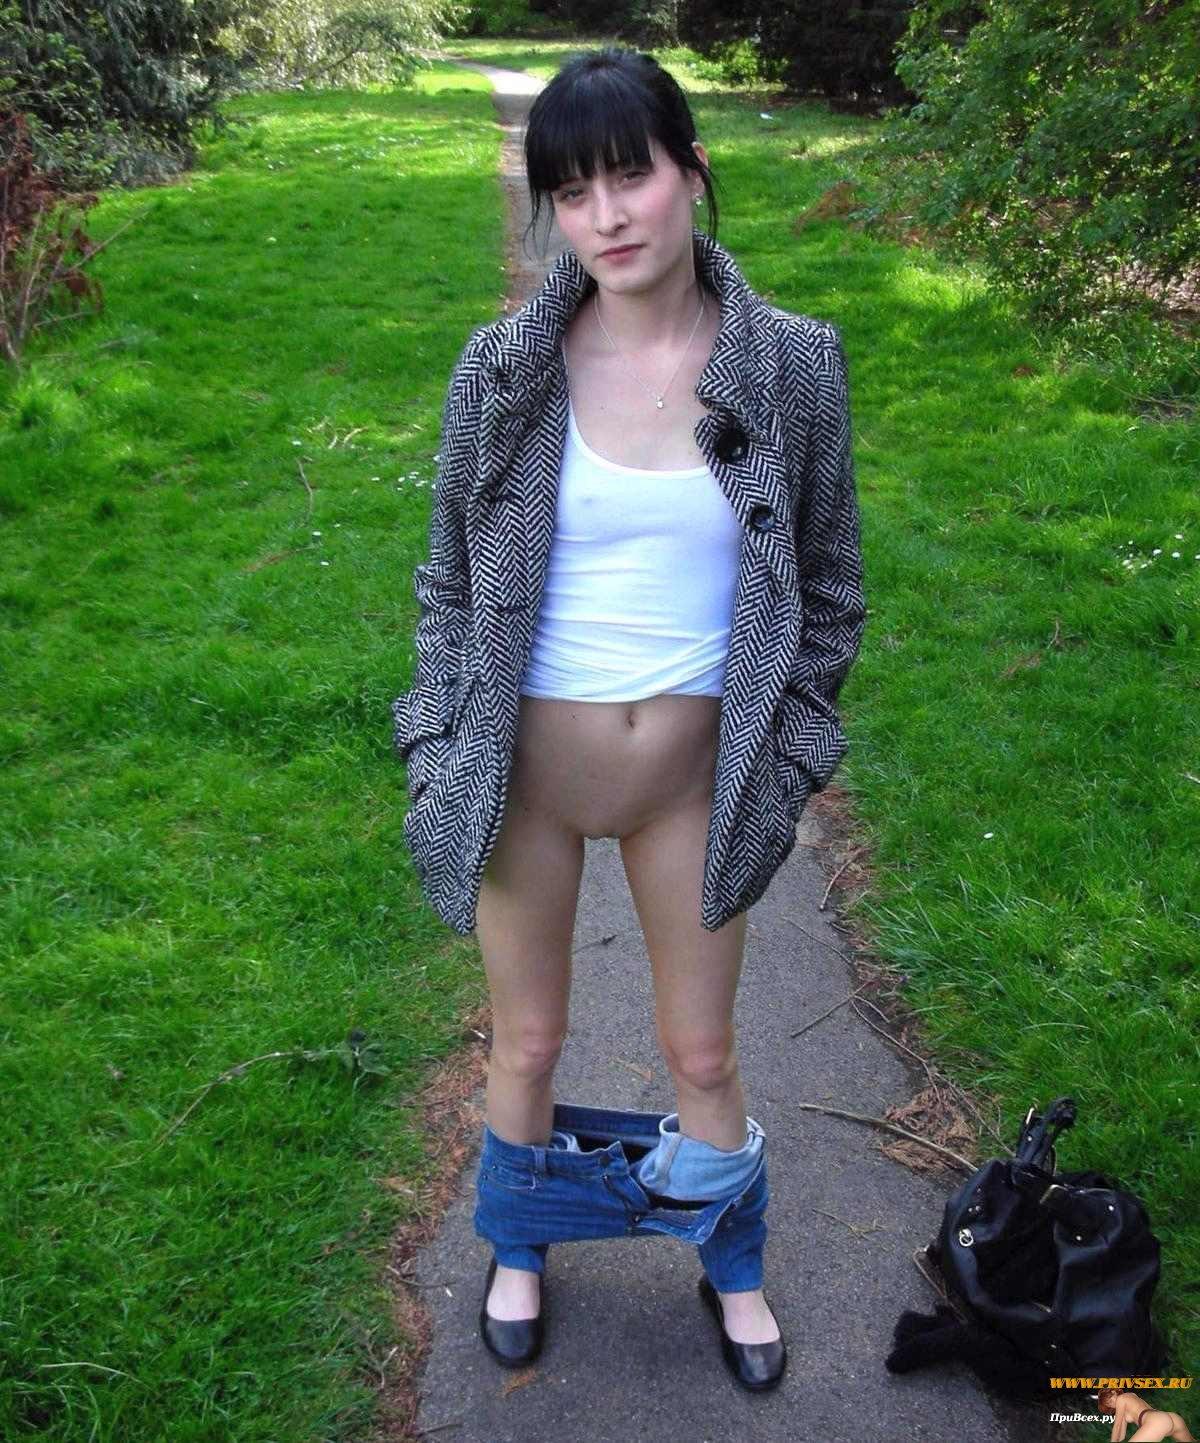 Телка сделала минет в парке за деньги — photo 4